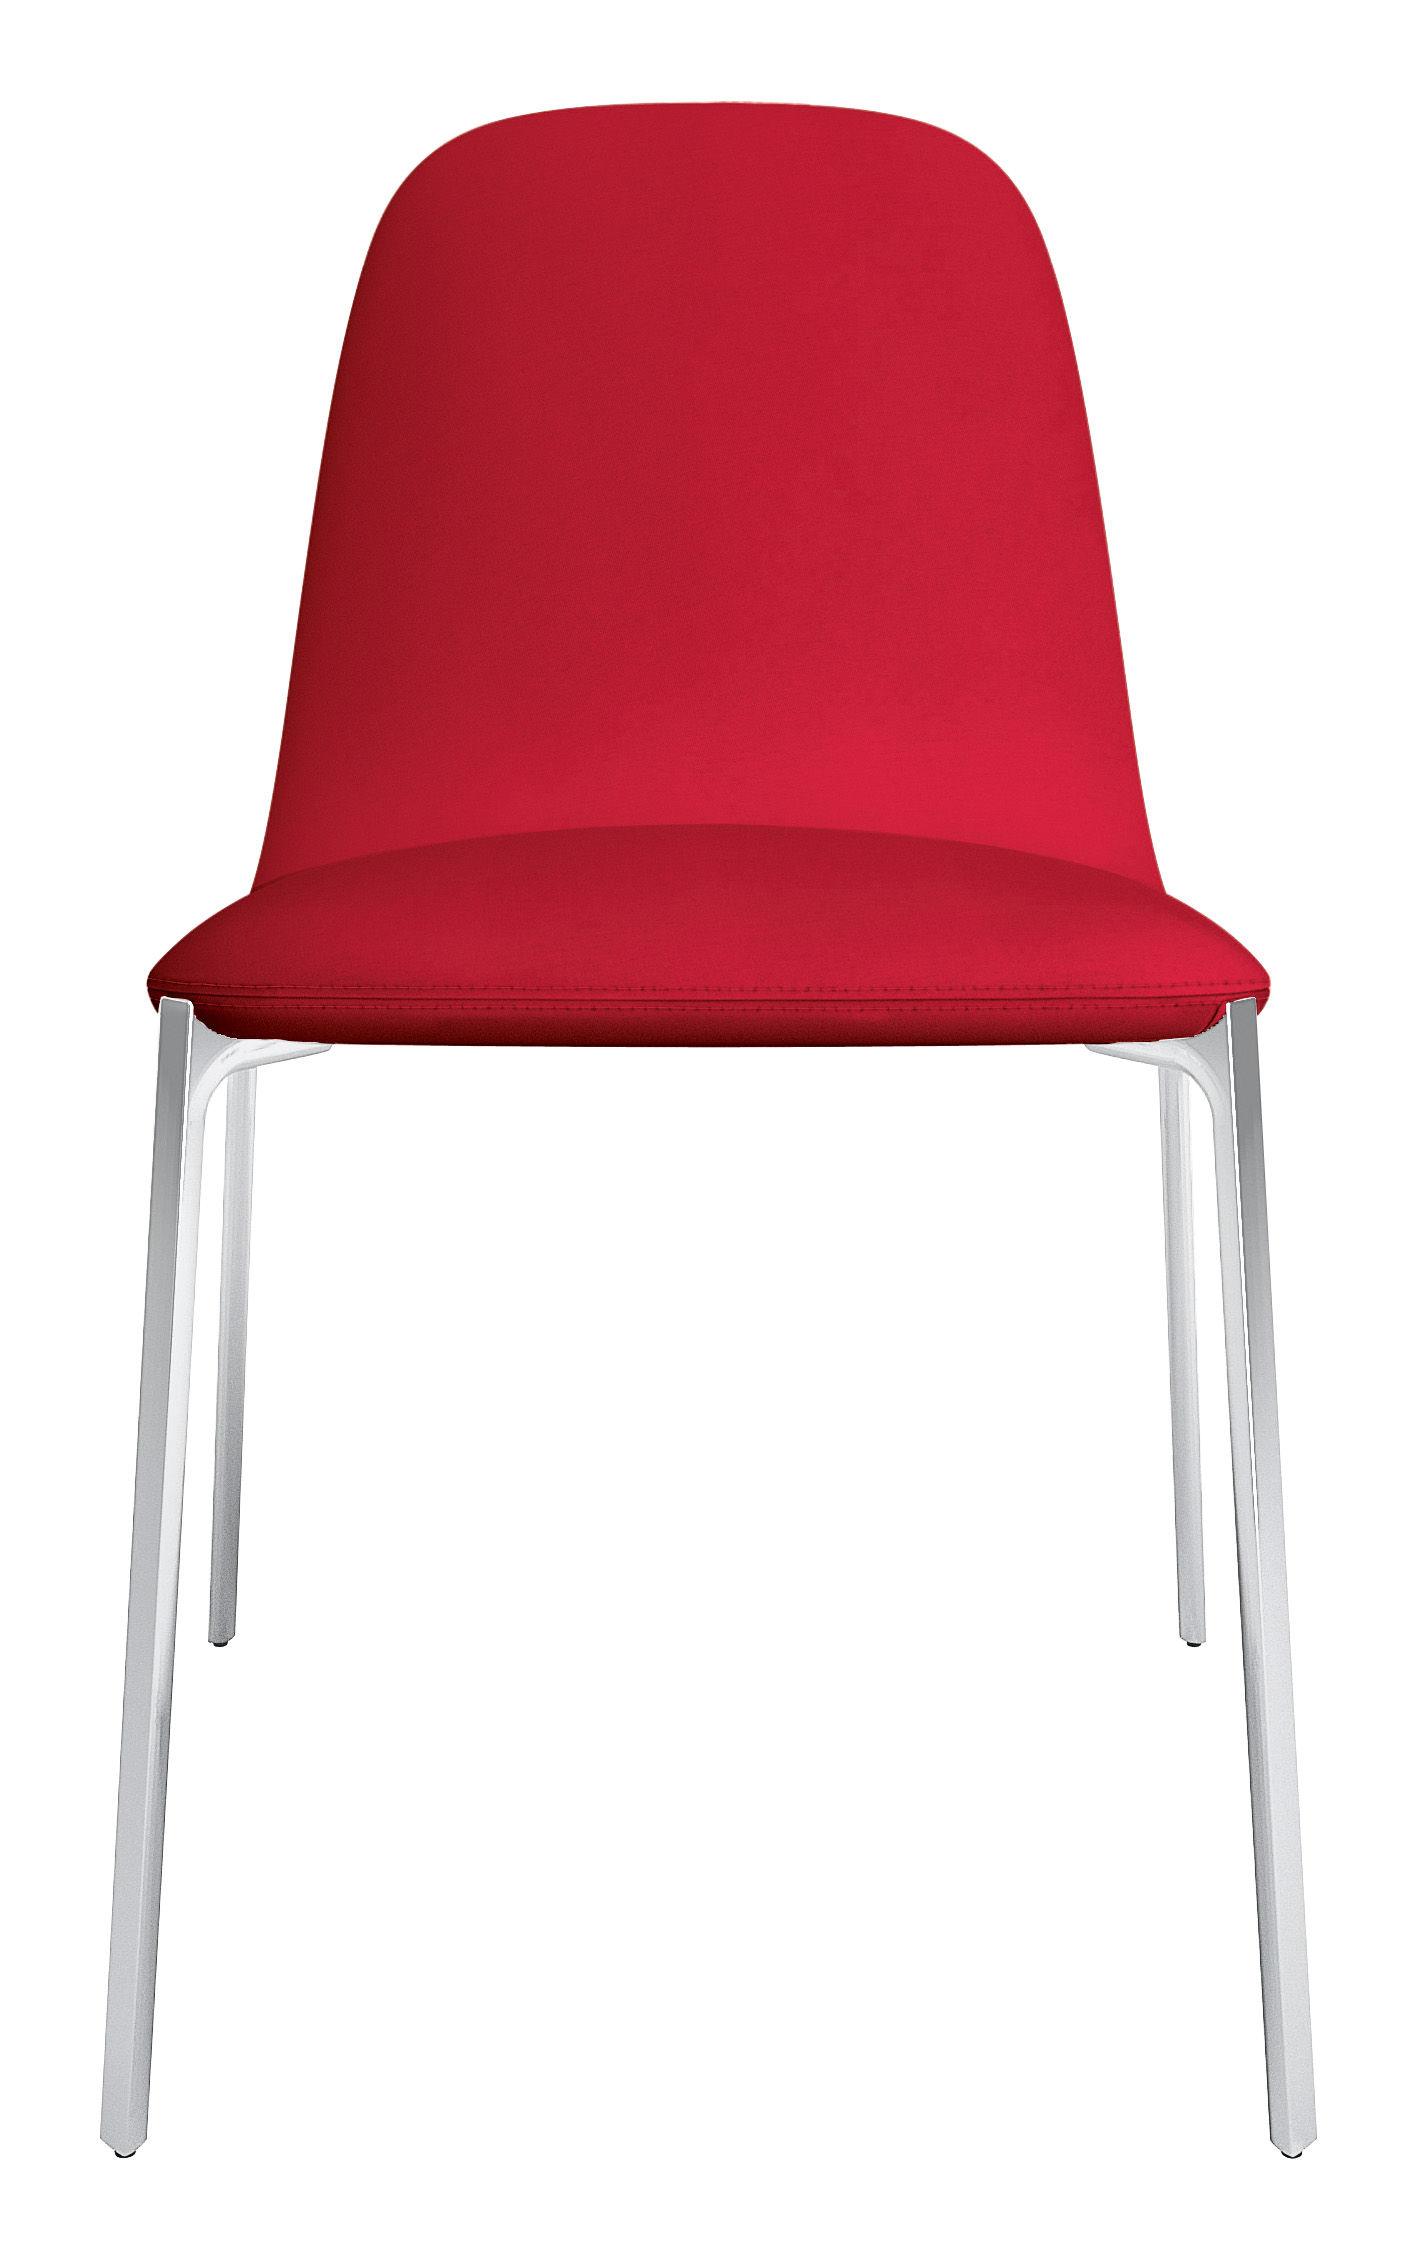 Arredamento - Sedie  - Sedia imbottita Ella di Zanotta - Rosso / Piedi in polialluminio - Alluminio lucido, Espanso, Tessuto